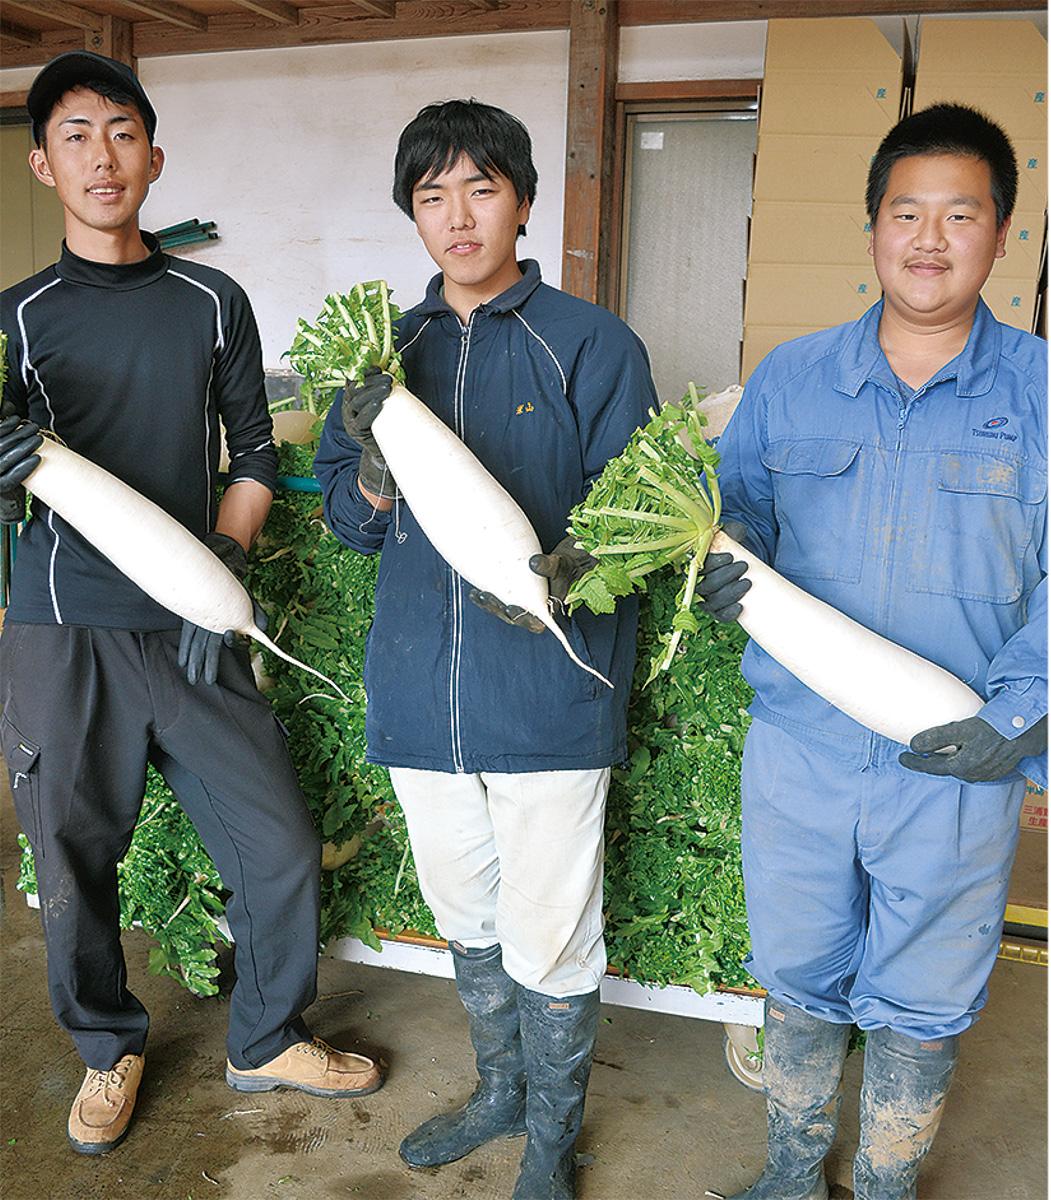 収穫した在来種の三浦大根を手にする(写真右から)池田さん、米山さん、三富農園の三富さん